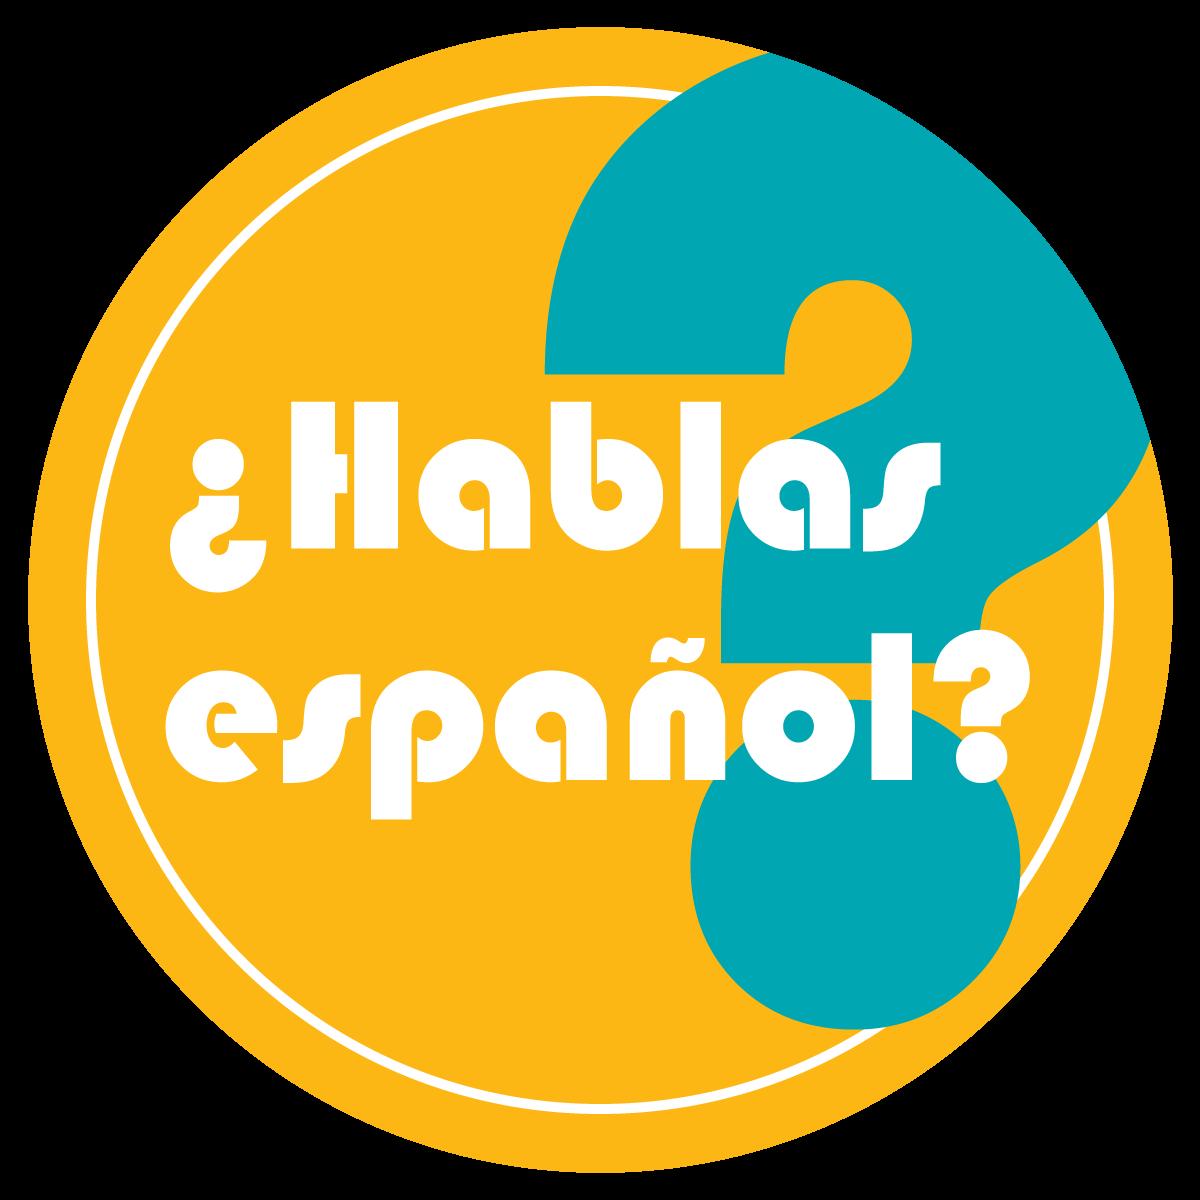 Spanish graphic